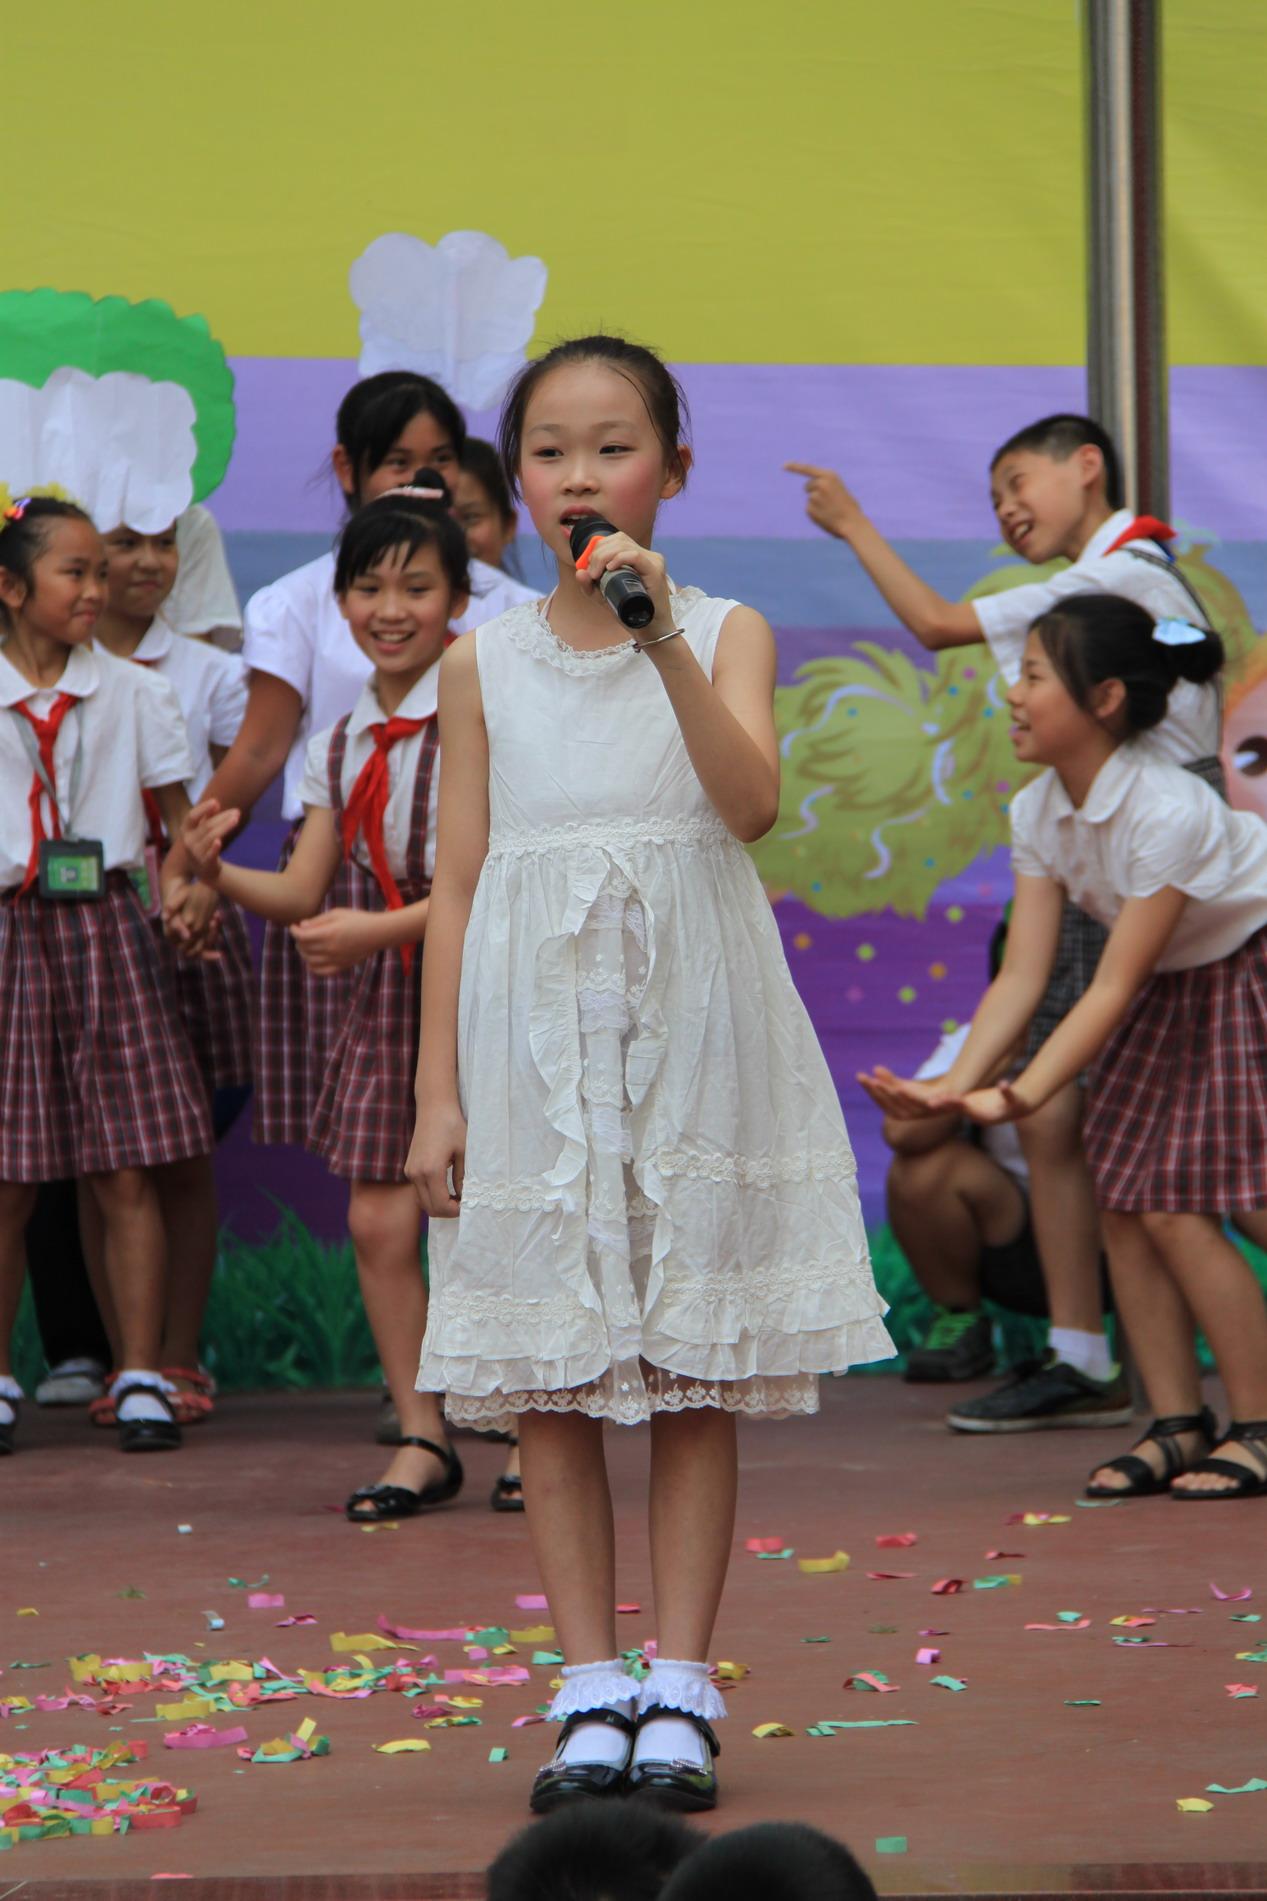 2011年6月1日六一儿童节节目表演-听妈妈讲那过去的 竖